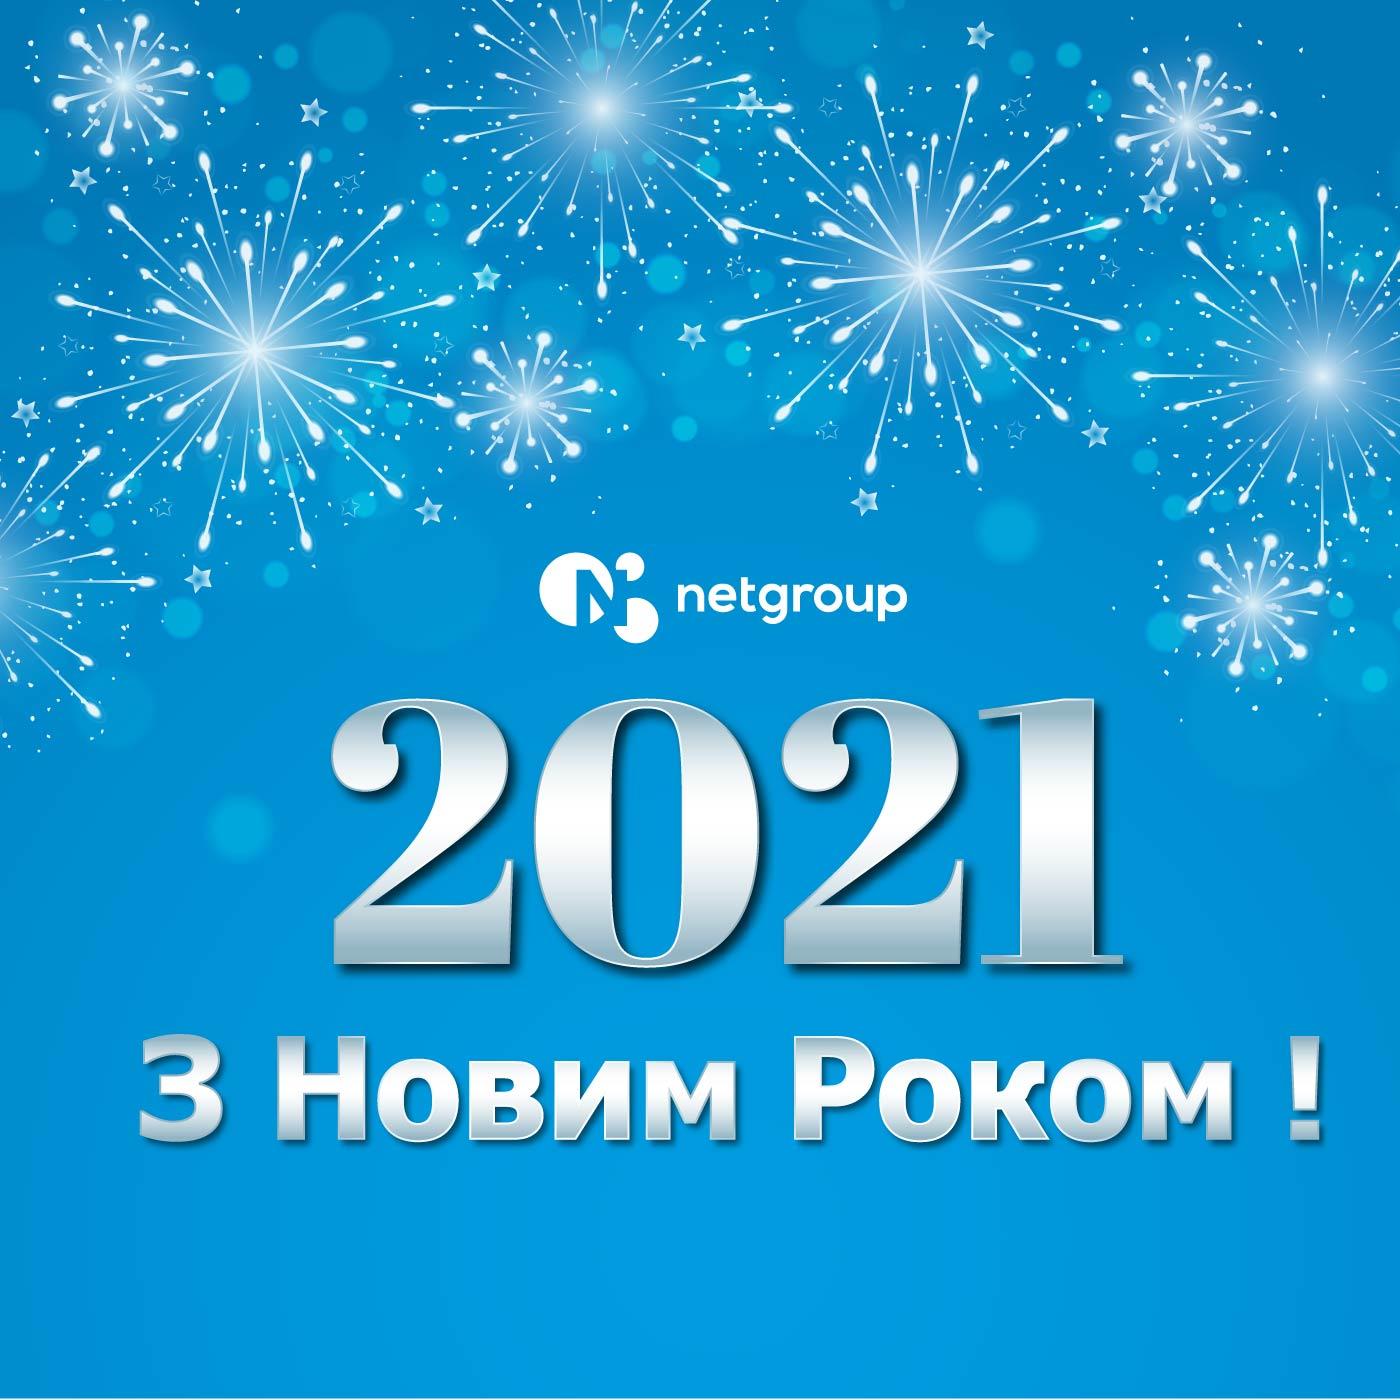 З Новим Роком | Happy New Year | netgroup